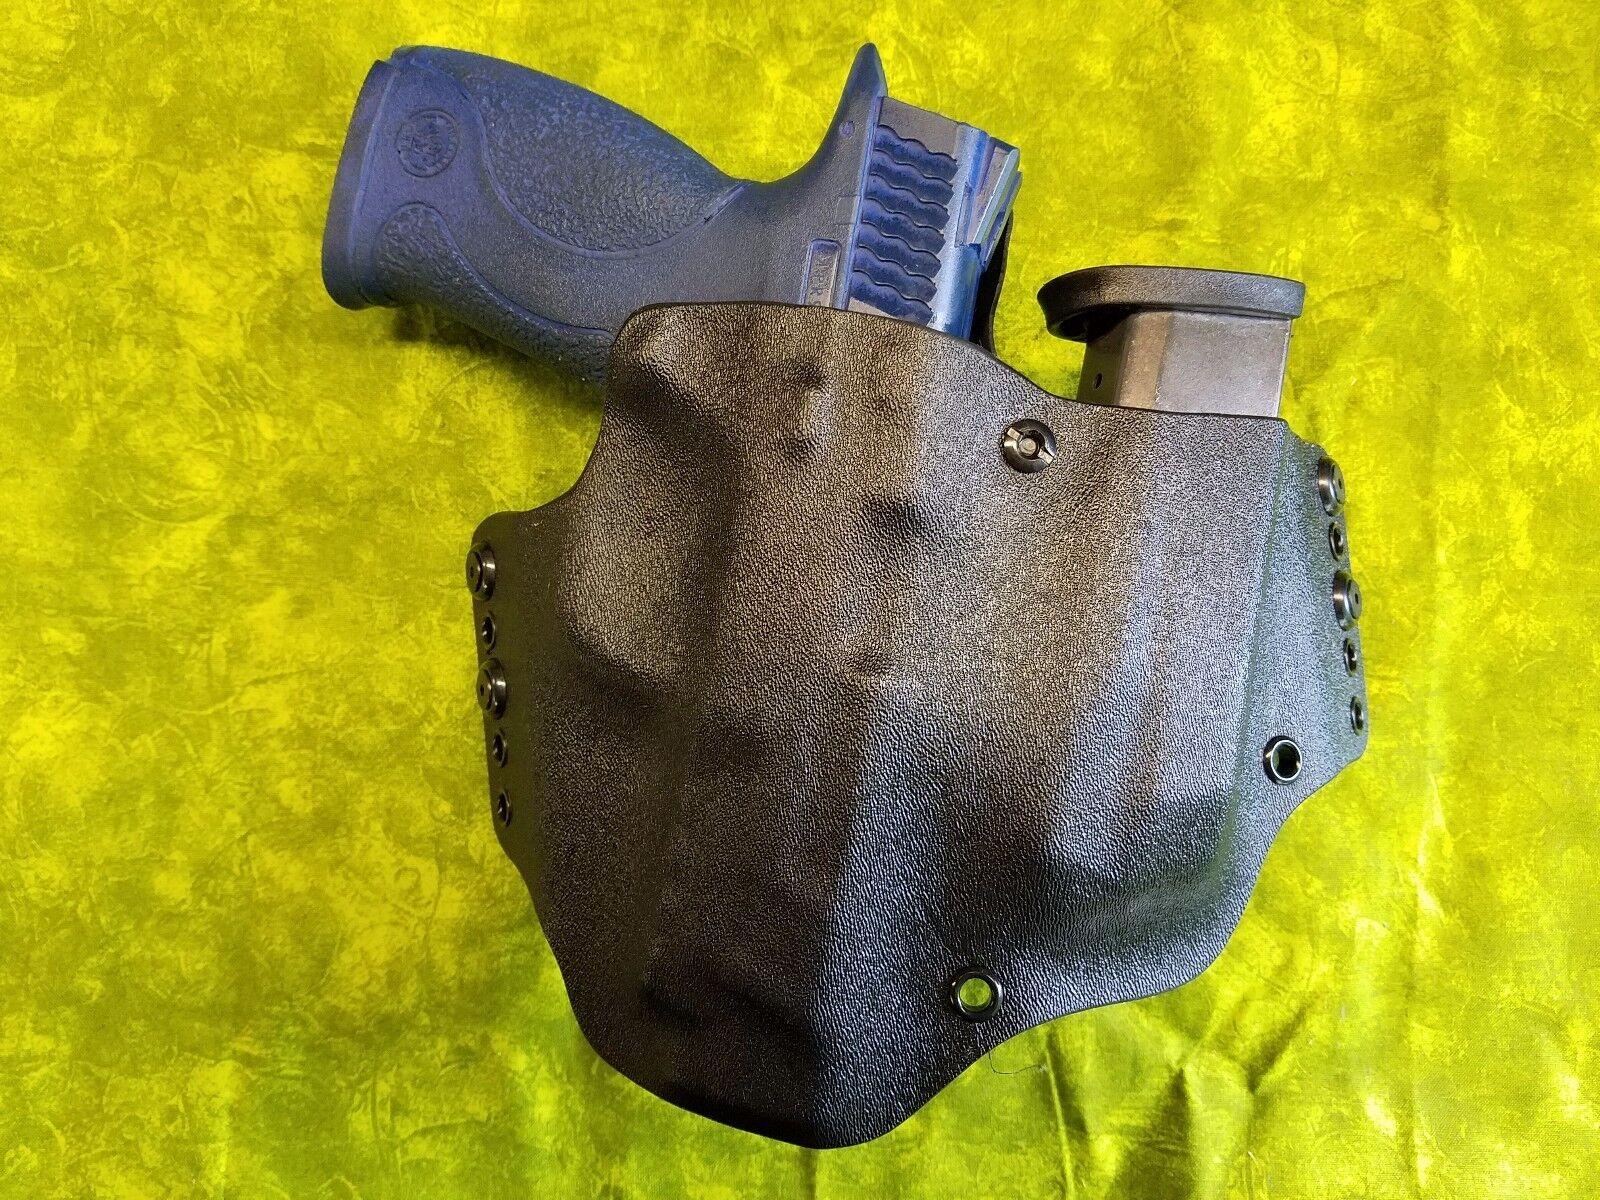 mira  Super BONITA negro funda Kydek con construido en Artes Marciales Engranaje TLR-1 verdaderamente mano Equipada